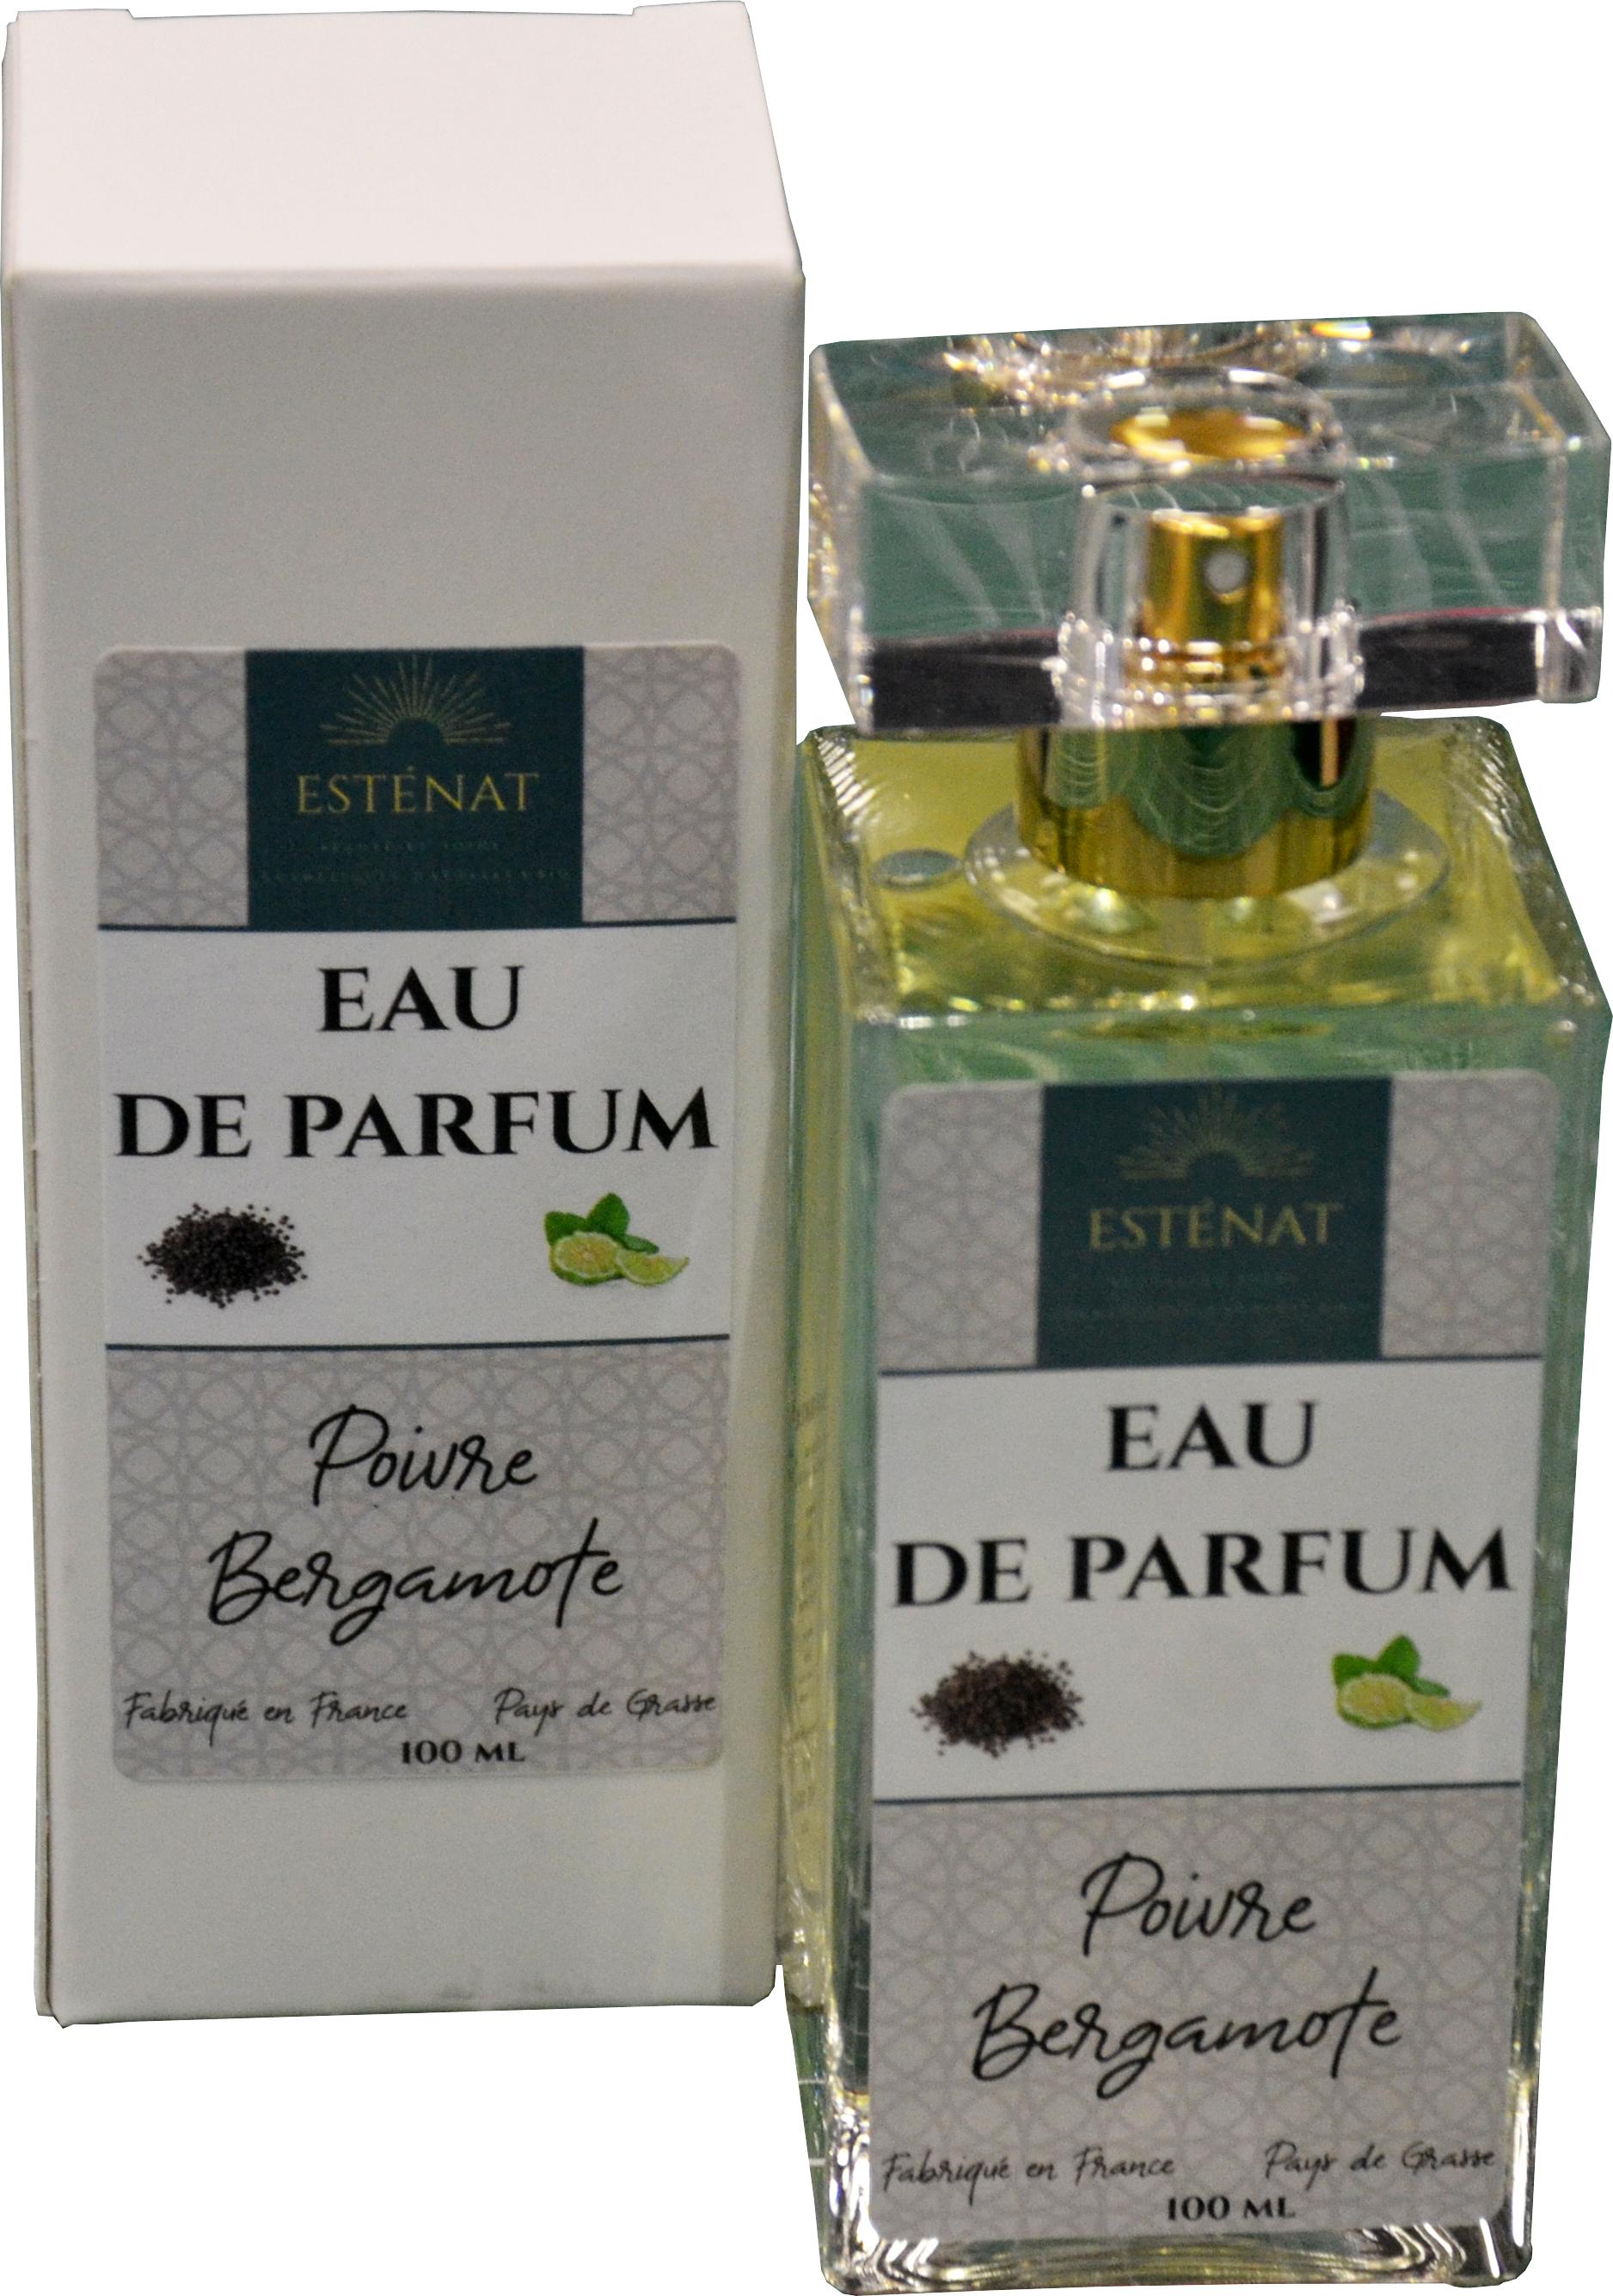 Eau de parfum poivre bergamote